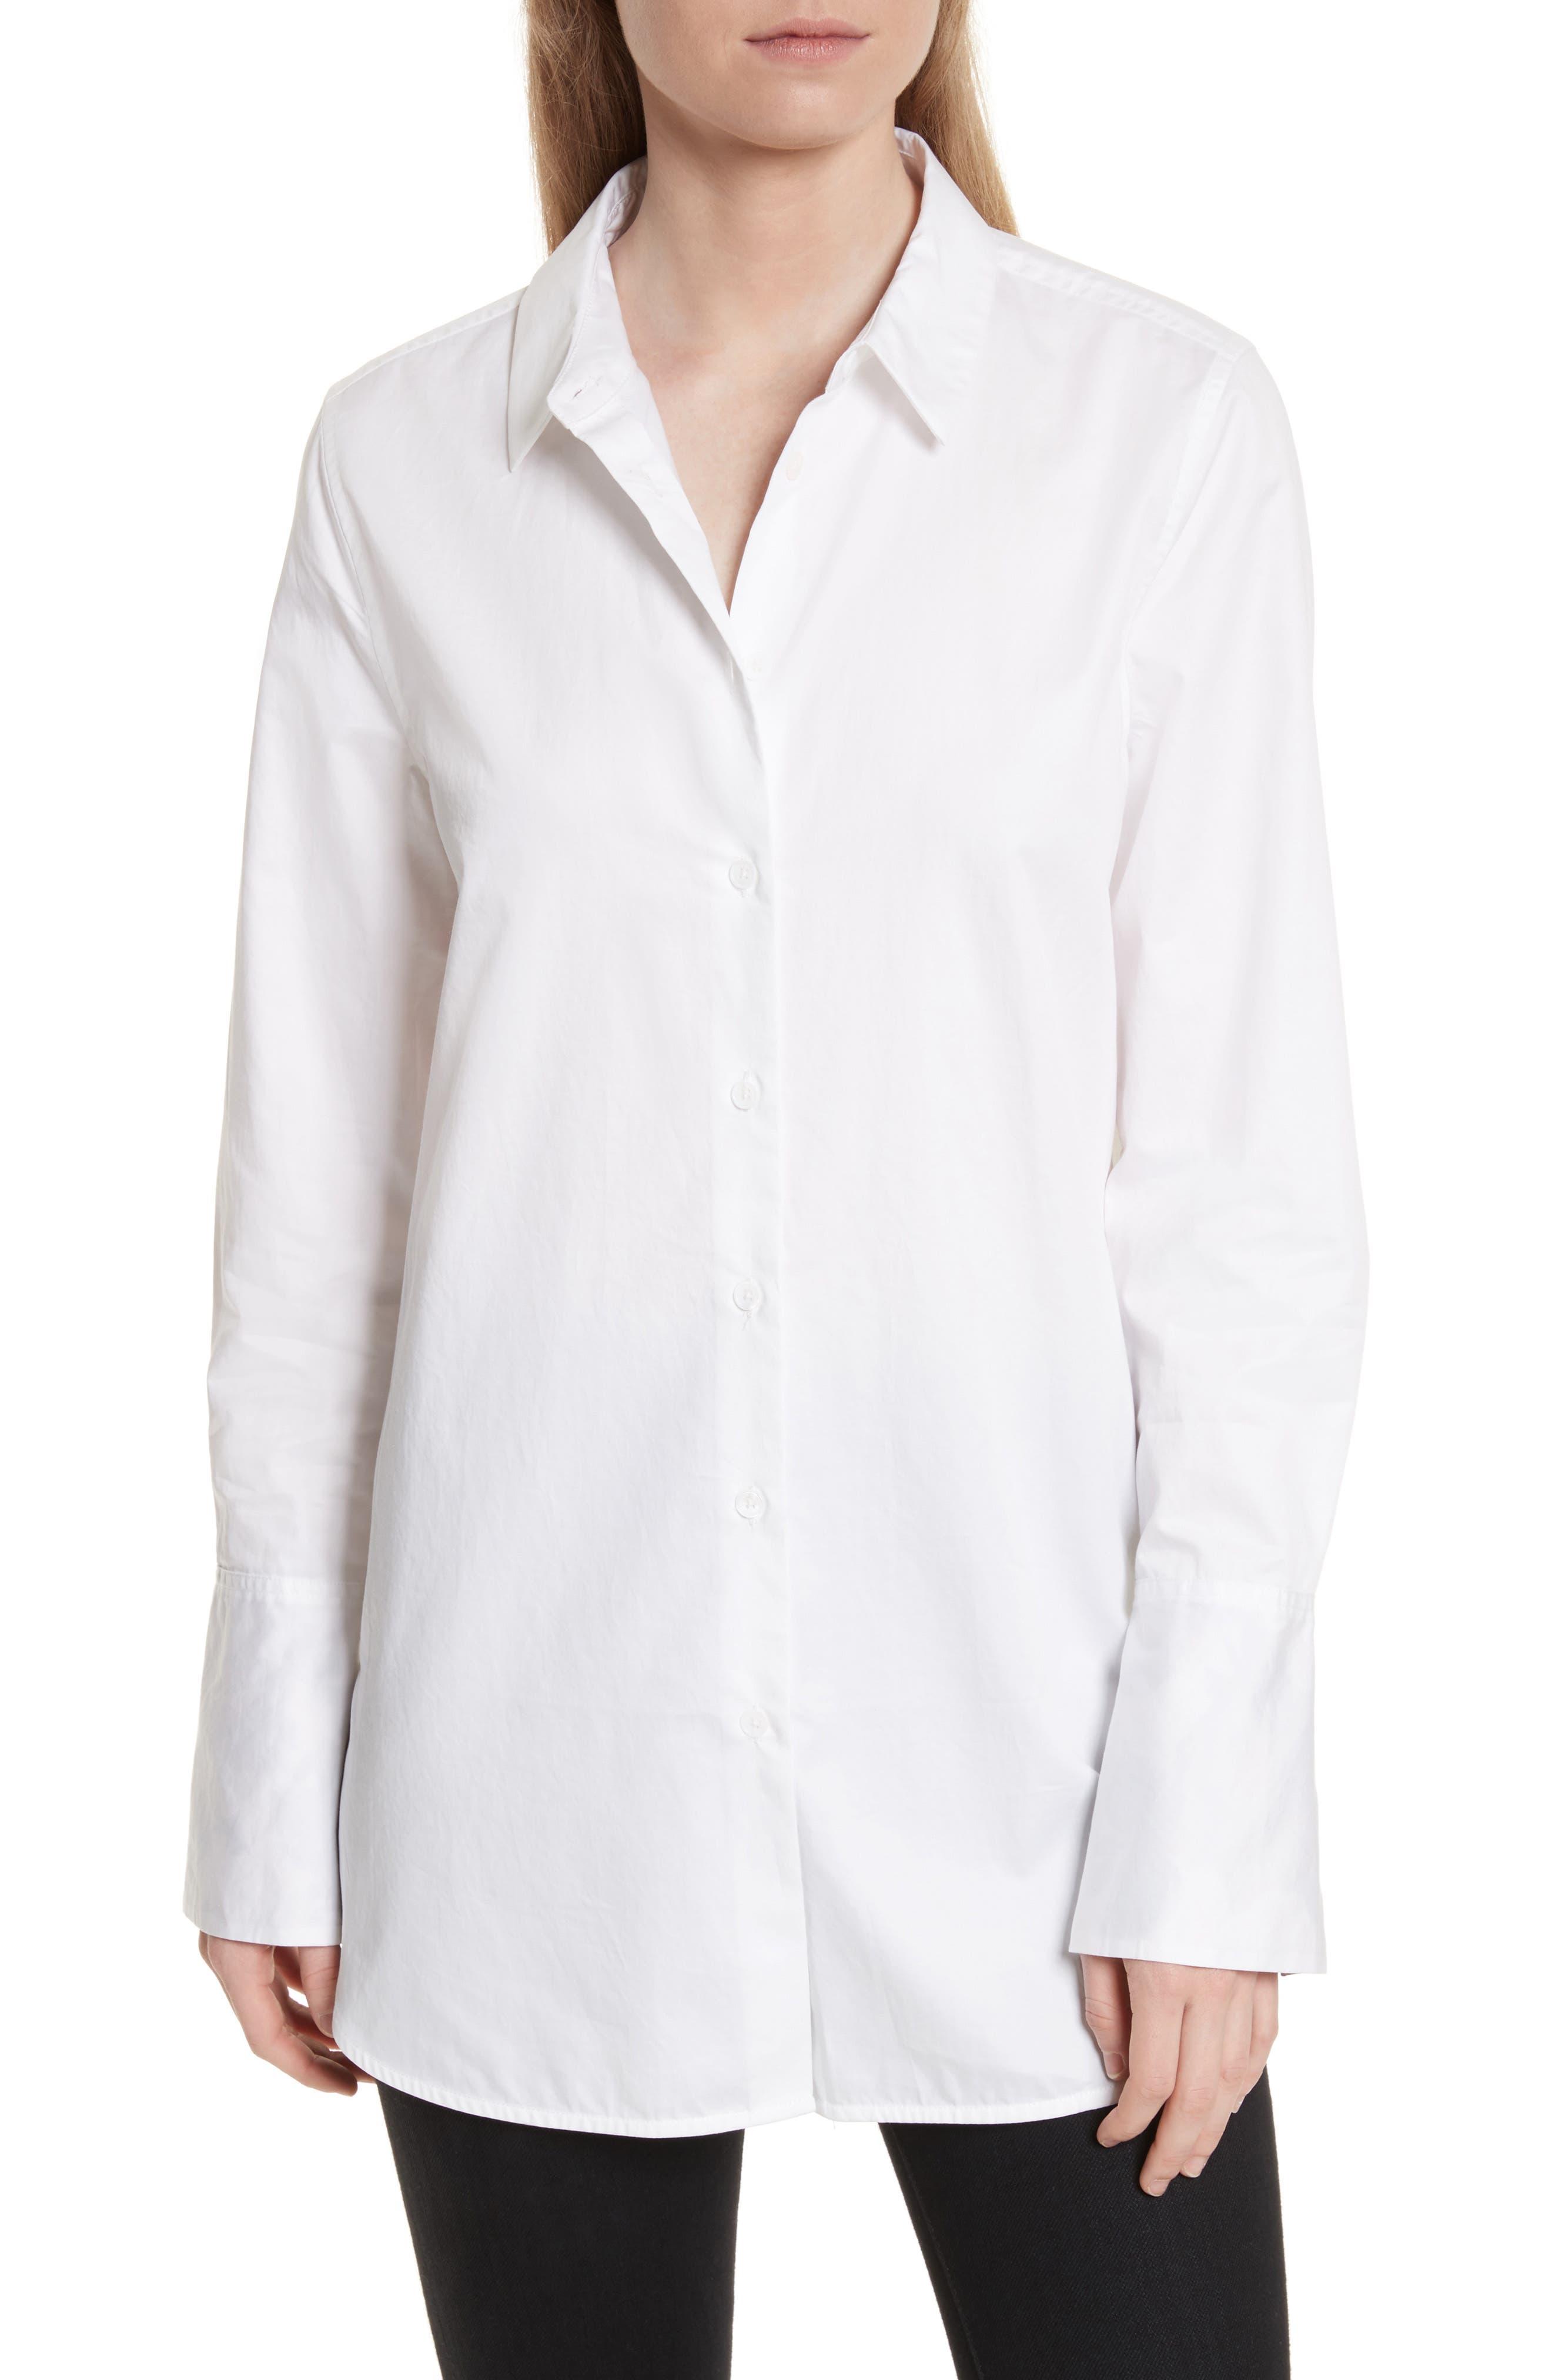 Arlette Cotton Shirt,                             Main thumbnail 1, color,                             111